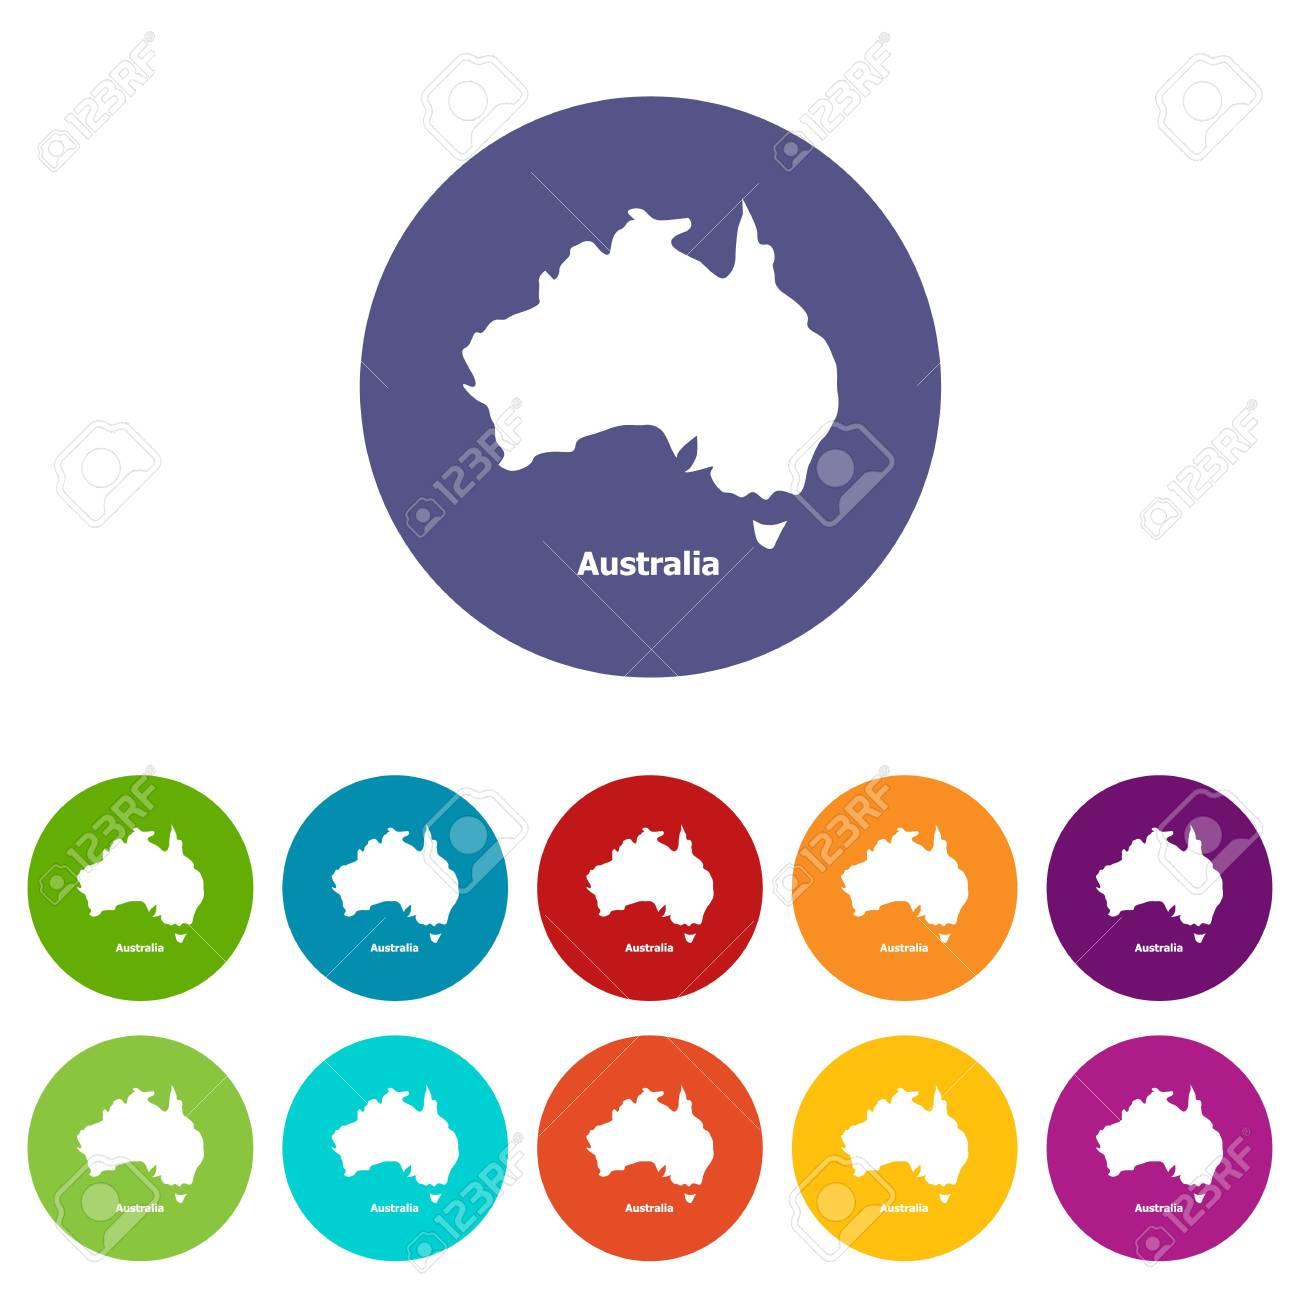 Australia Map Icon.Australia Map Icon Simple Style